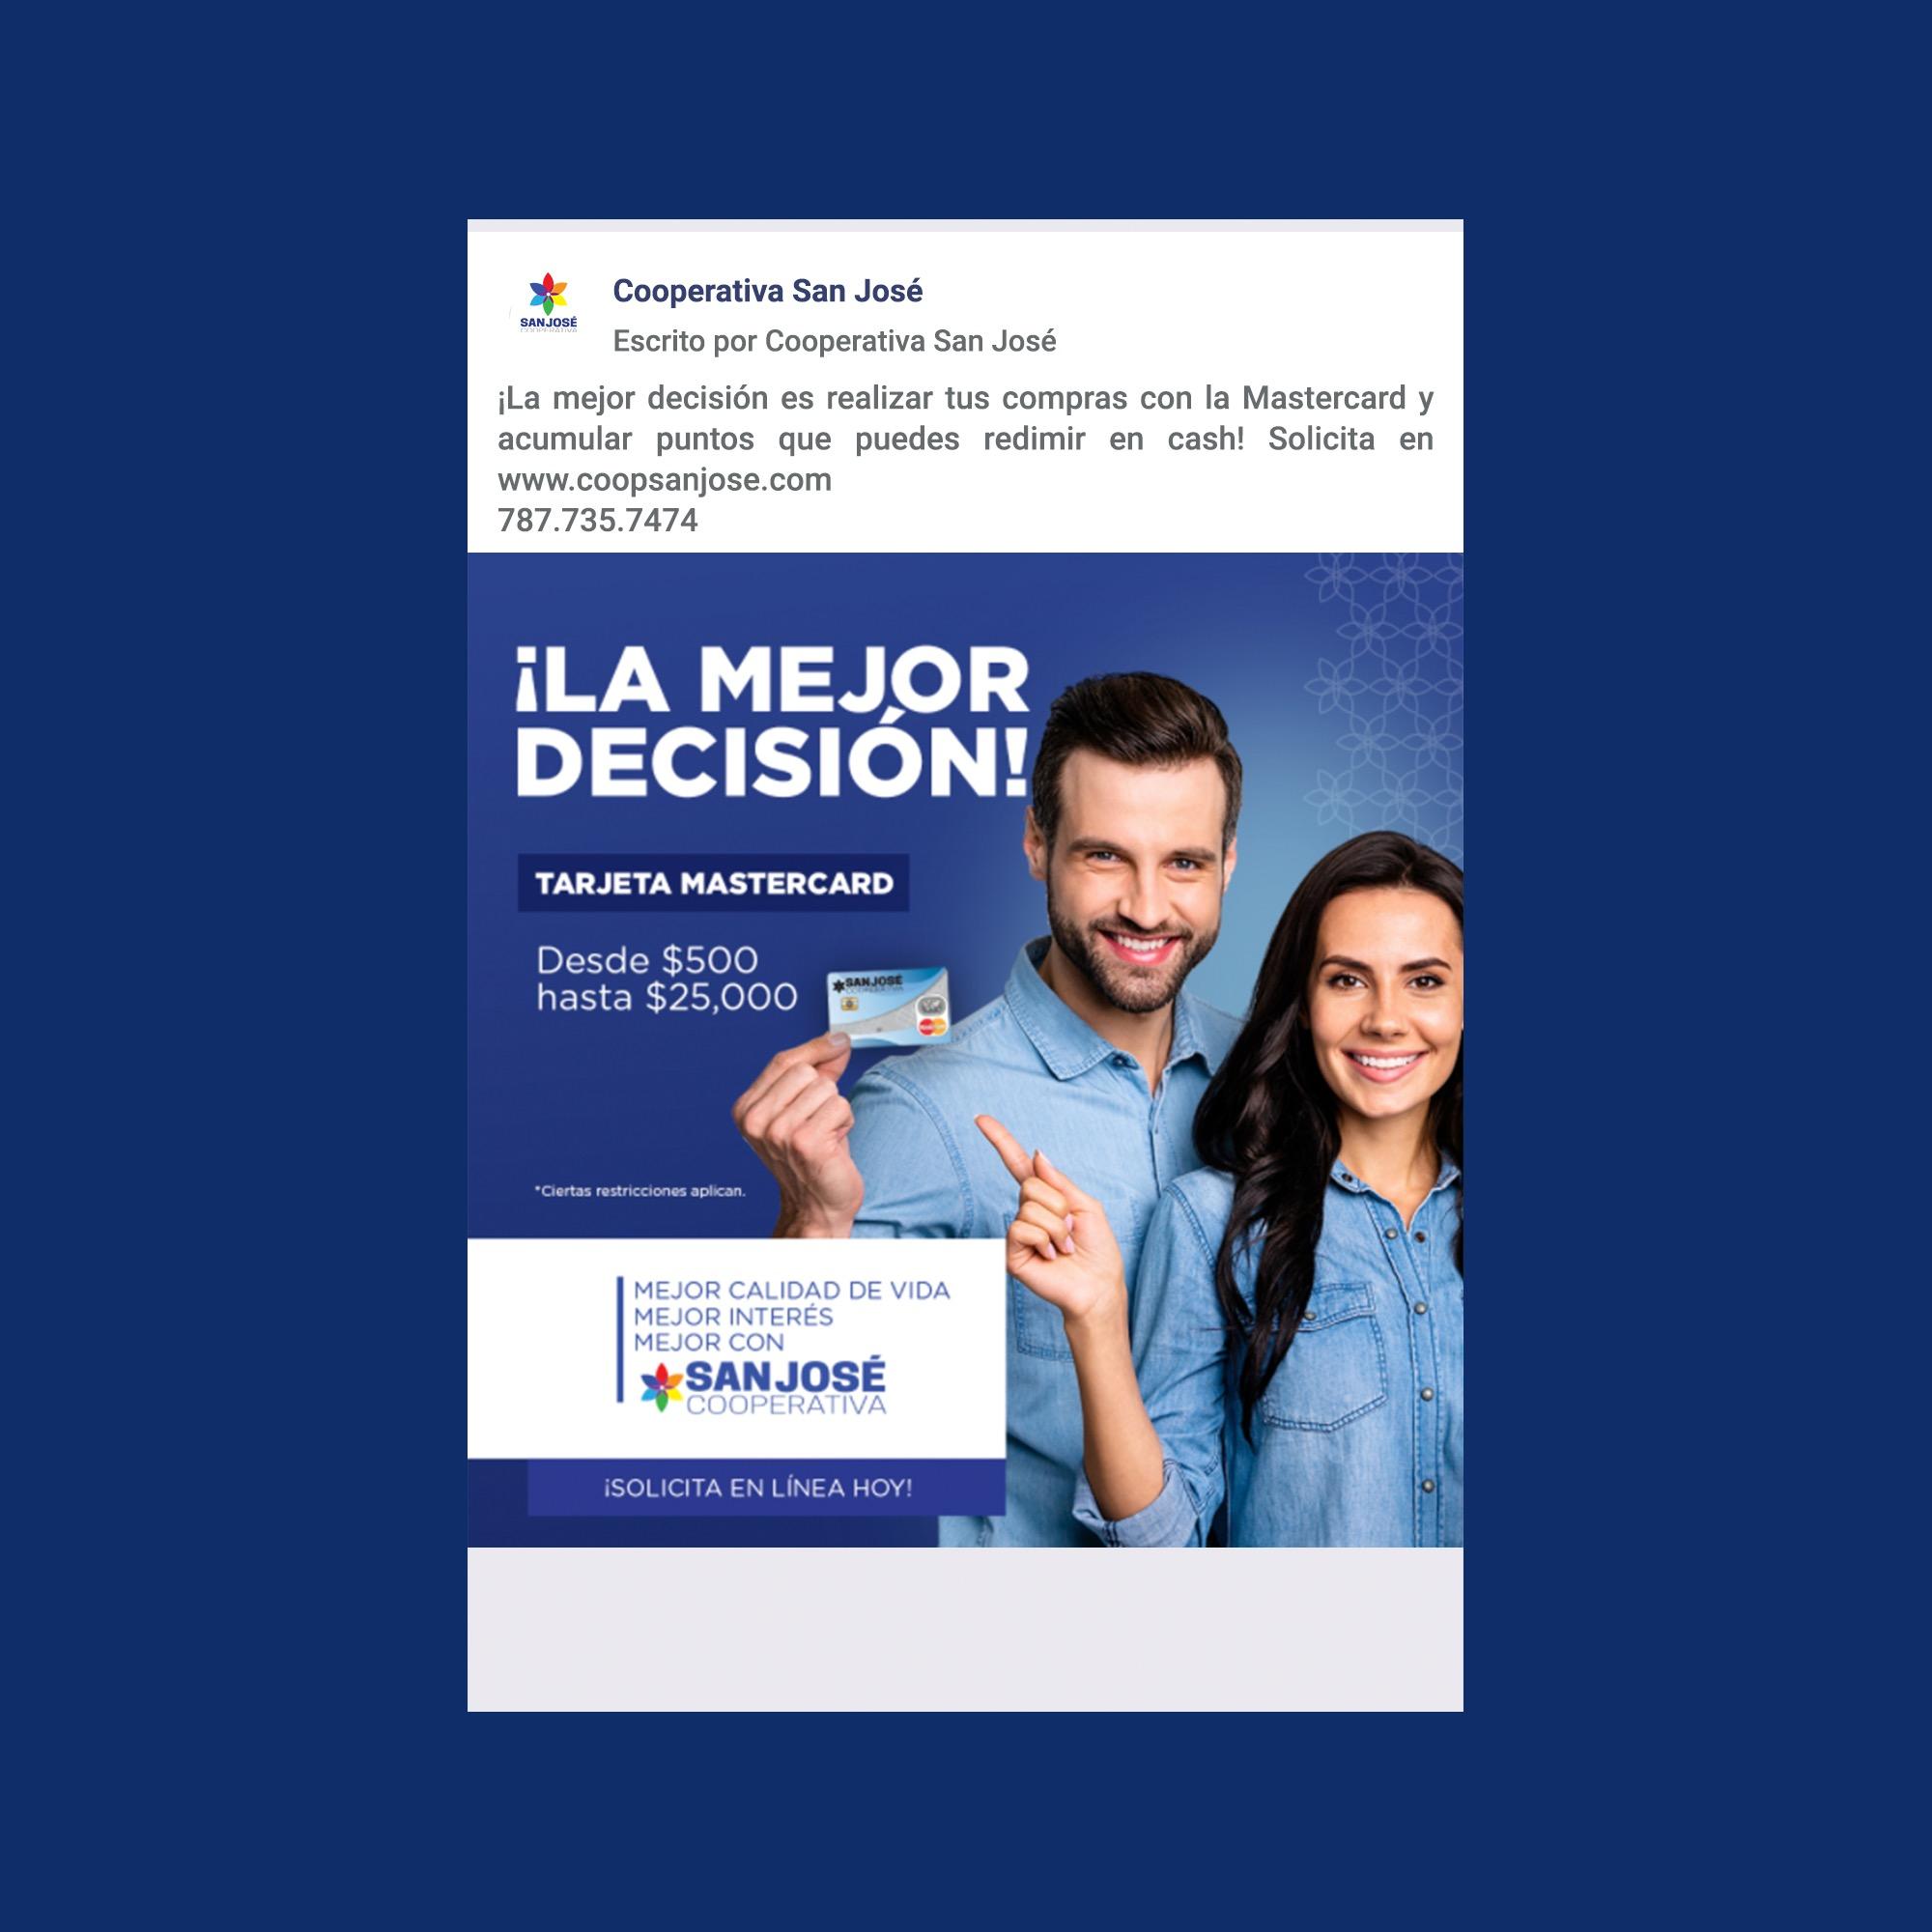 BM_WEB_MOCKUP_MAYO_1BM_WEB_MOCKUP_FB_POST_LA_MEJOR_DESICIÓN_CSJ